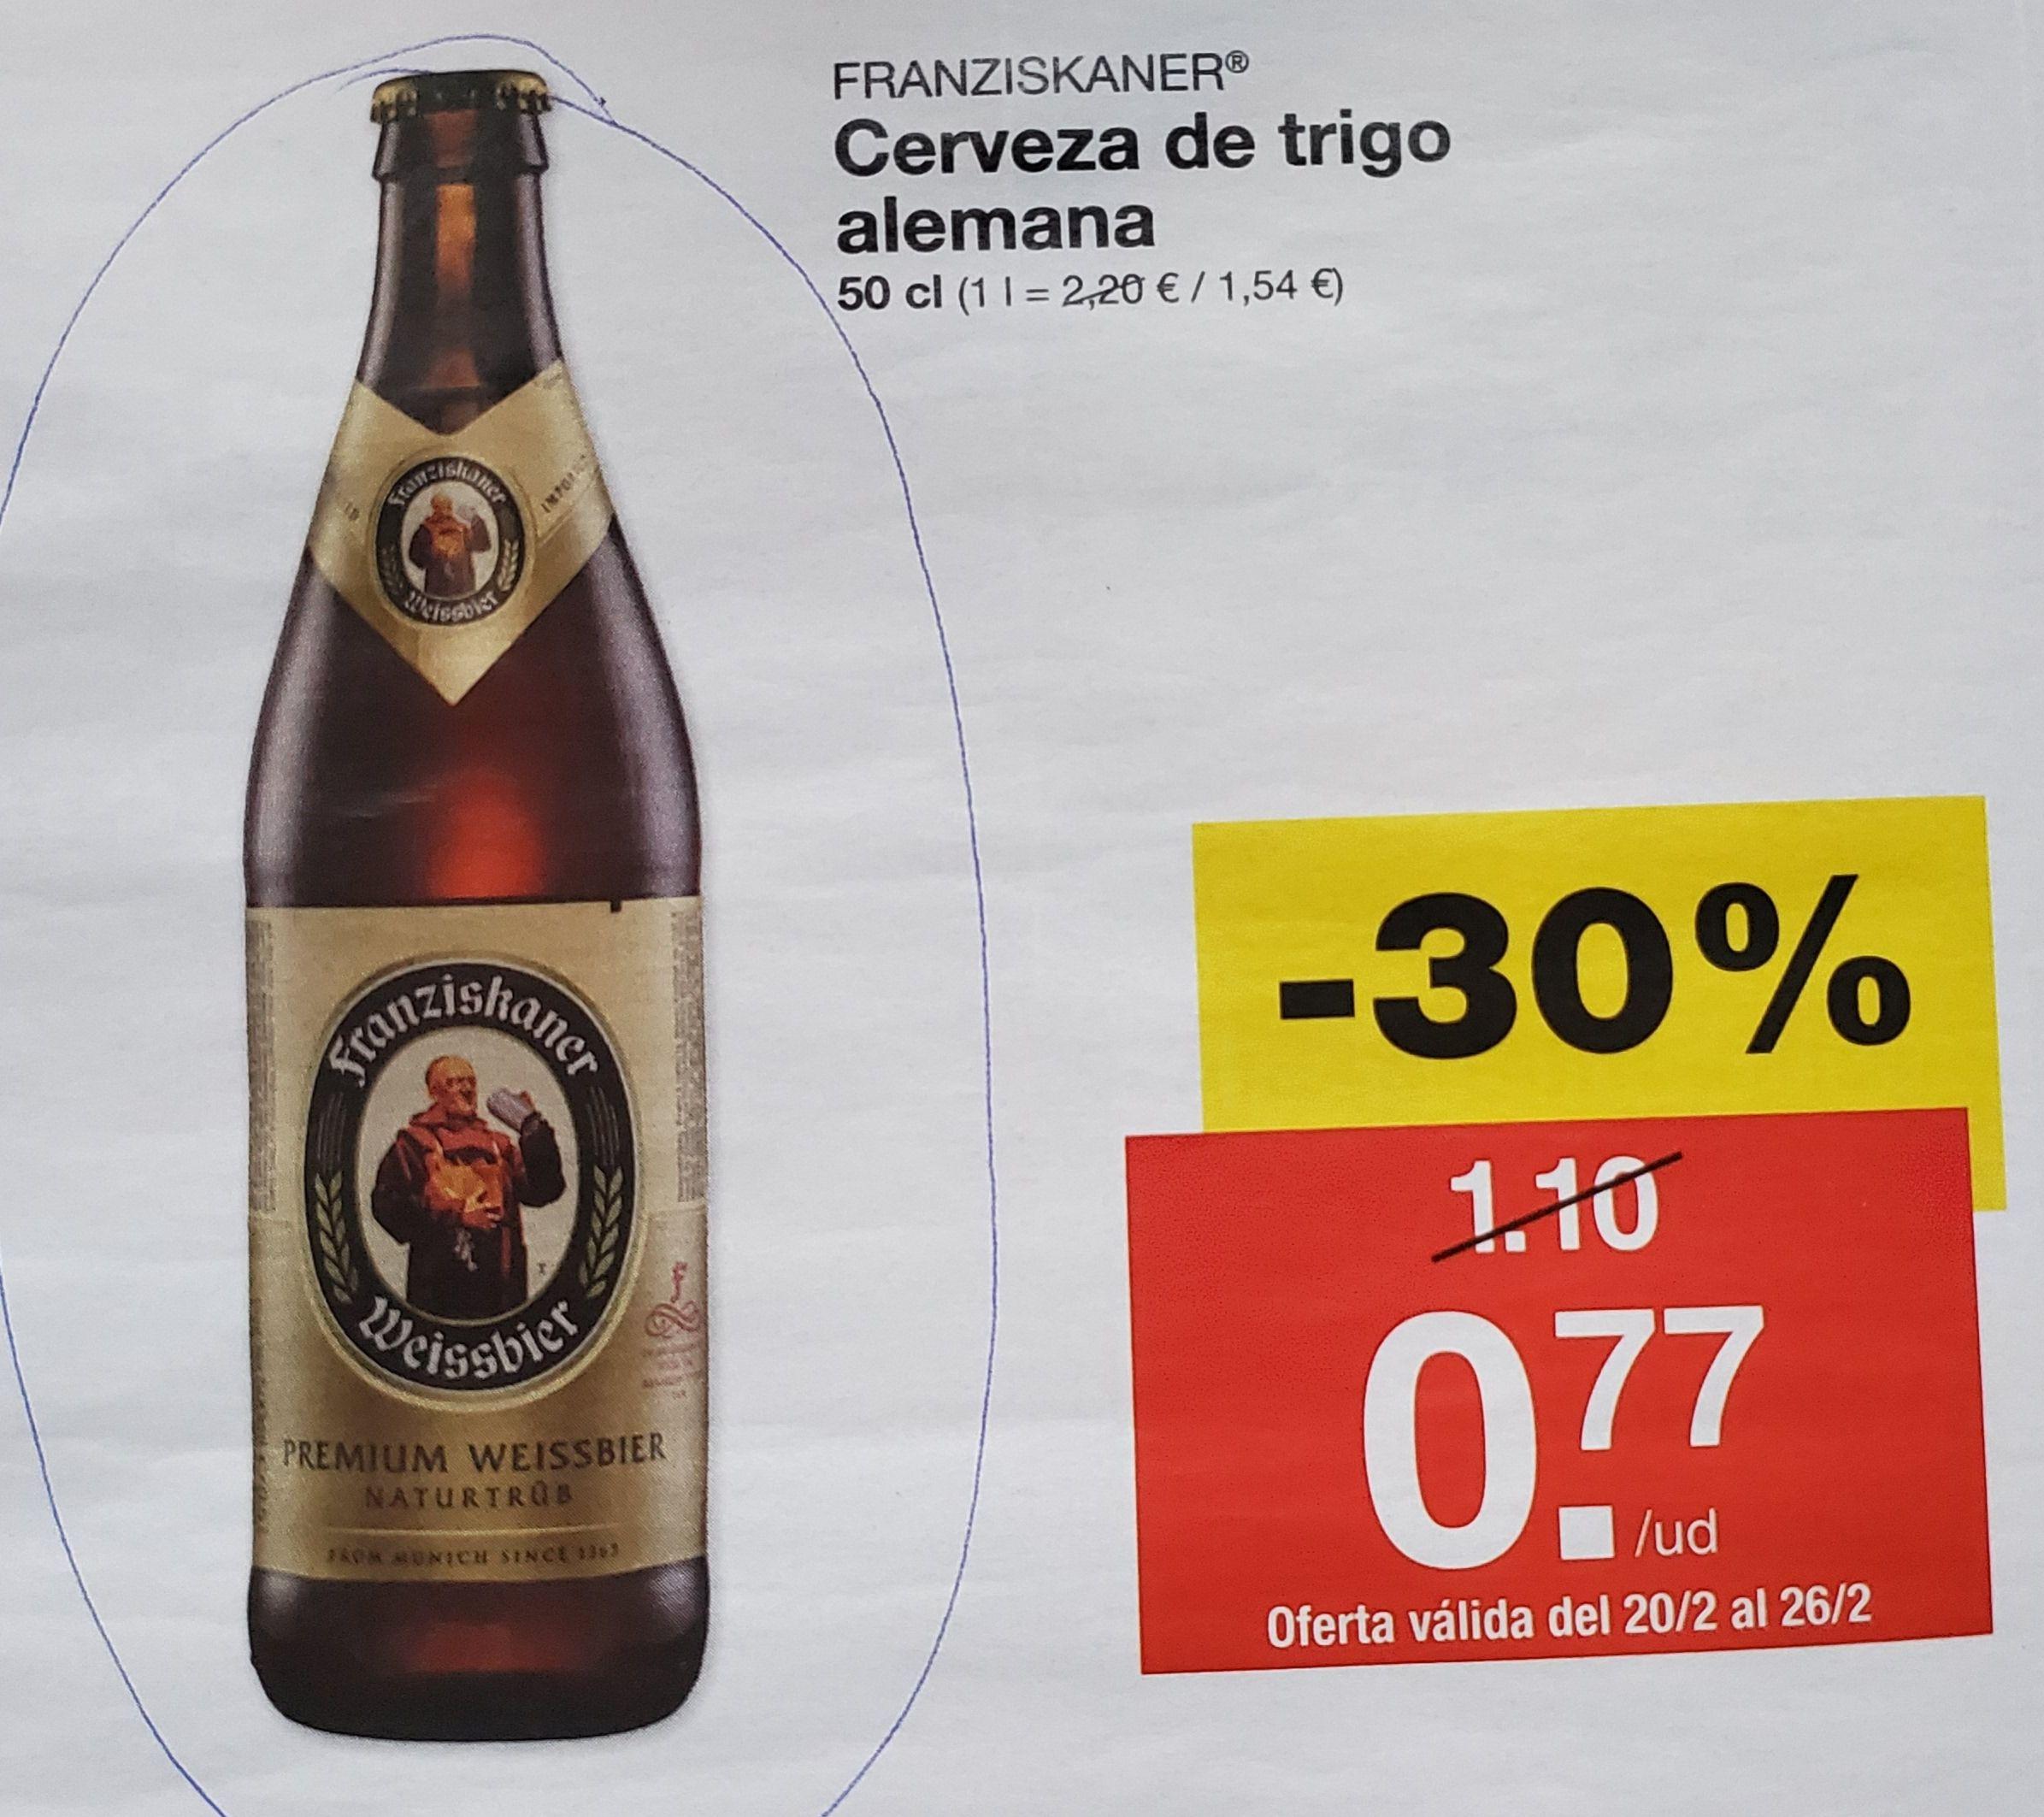 Cerveza de trigo alemana franziskaner de 50 cl